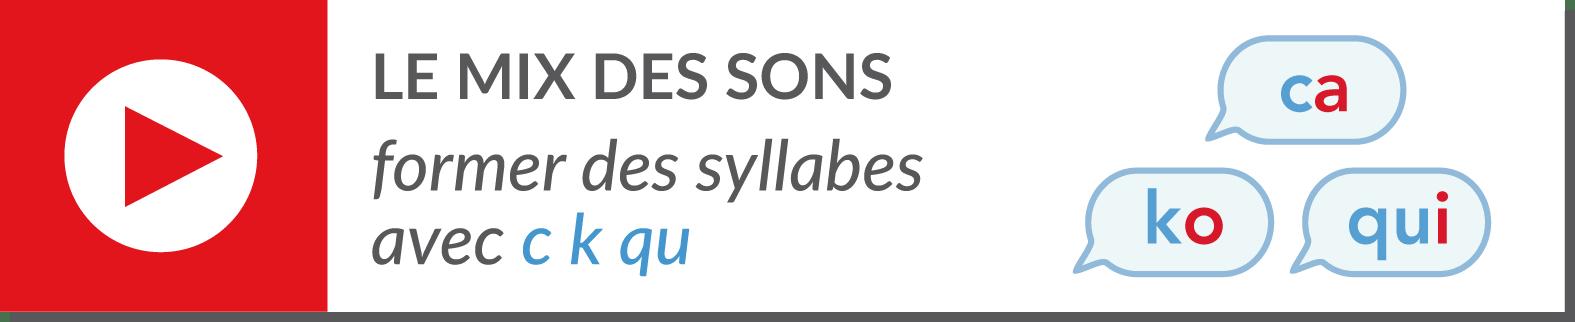 lecture de syllabes - vidéo syllabes - lettres c k qu son [k]